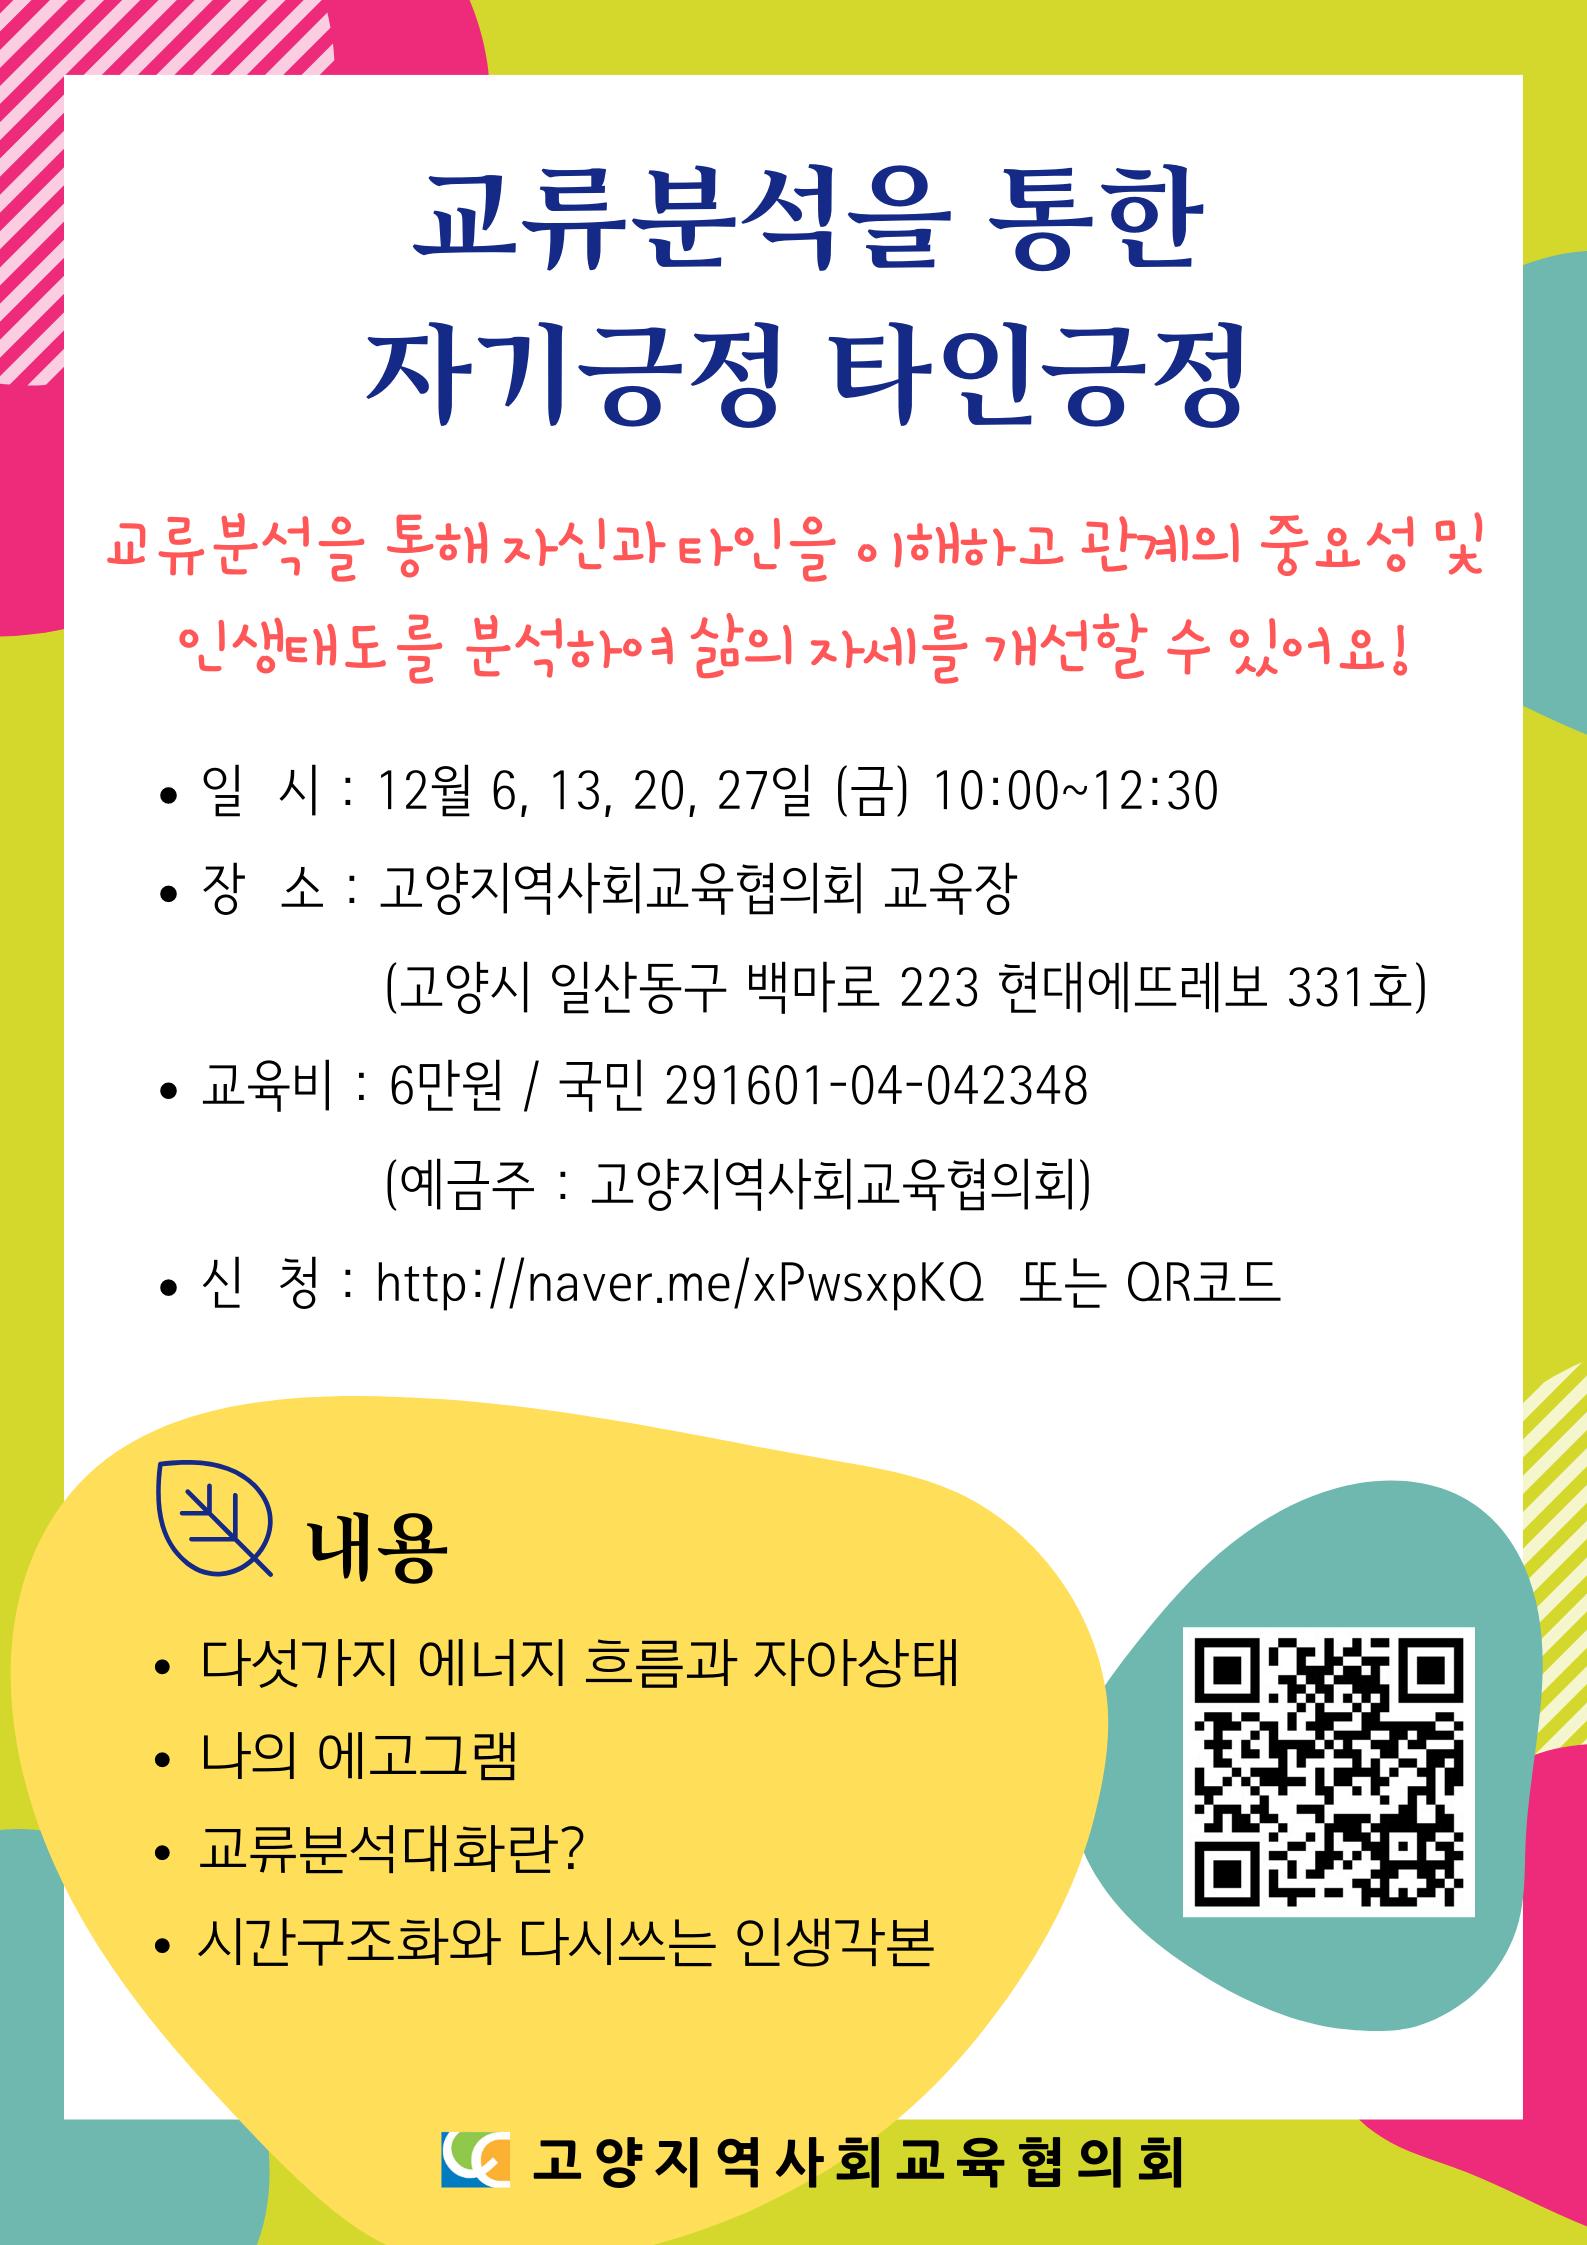 홍보지_교류분석_수정.png